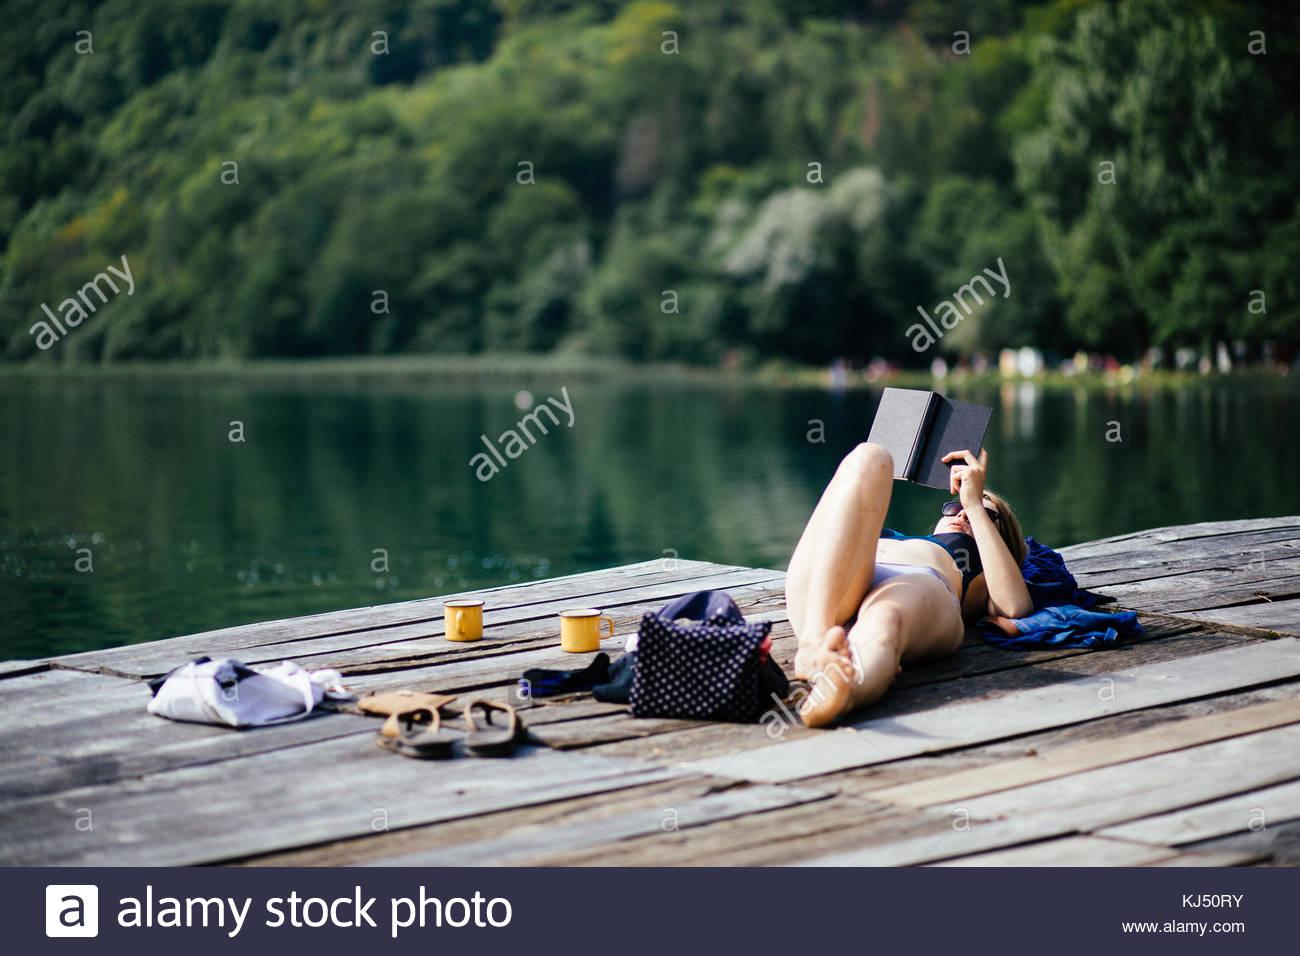 Young woman in bikini portant la lecture d'un livre sur une jetée en bois Photo Stock